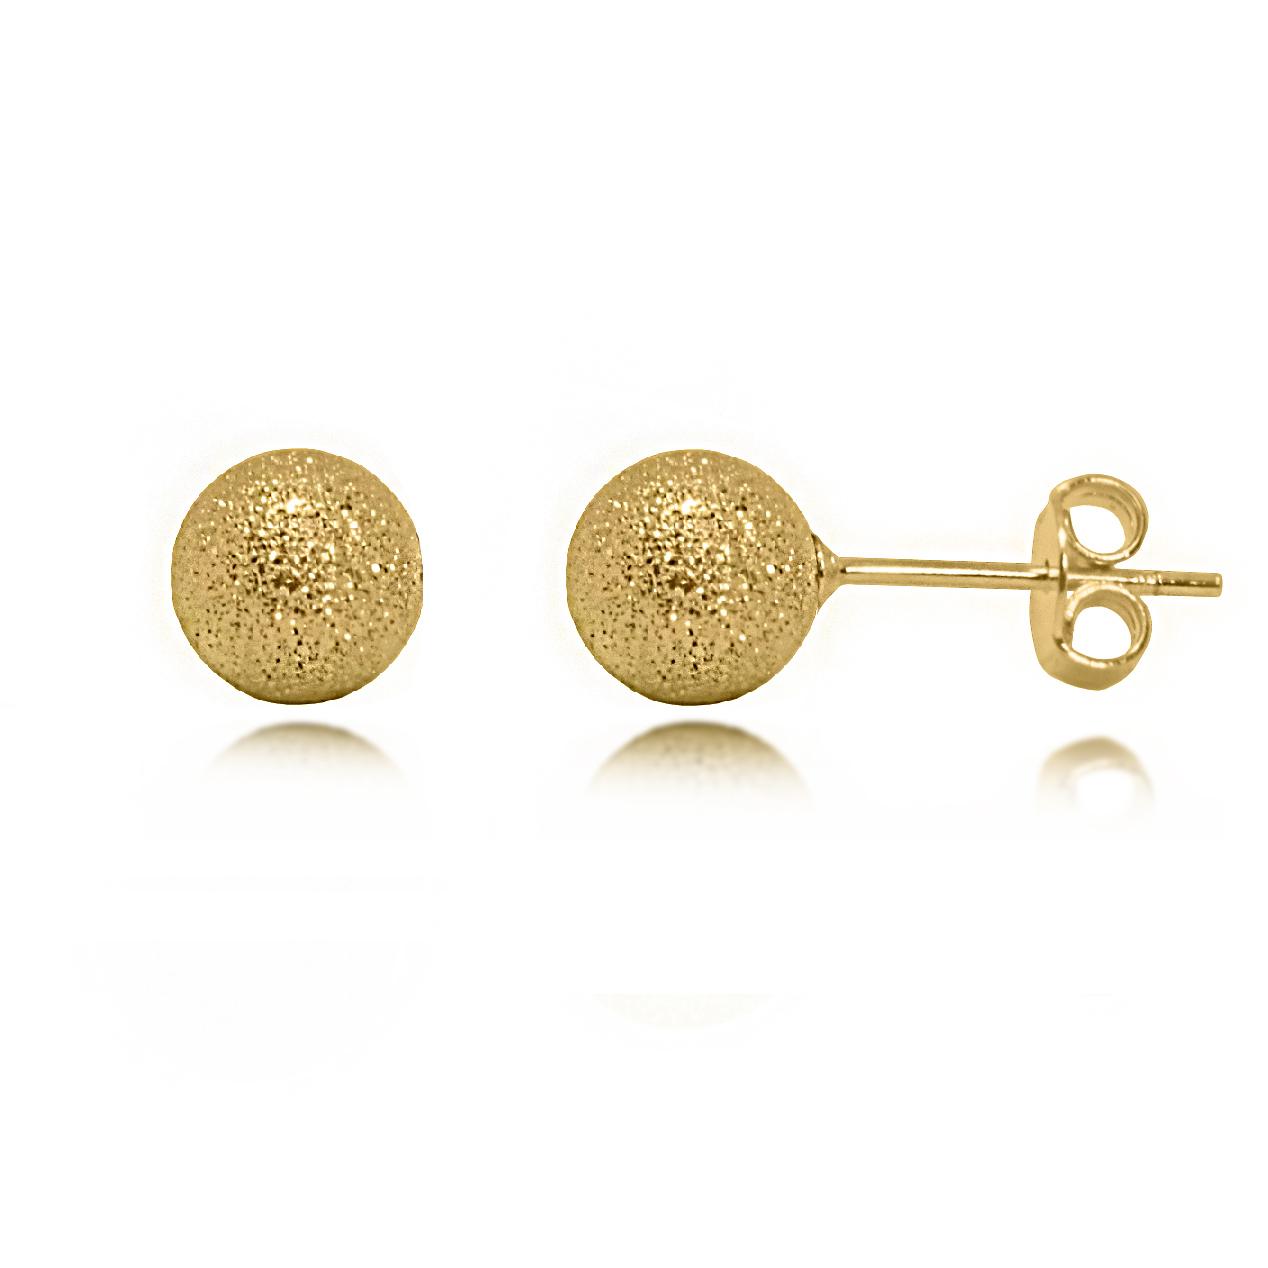 Brinco Bolinha Texturizada 5mm Folheado a Ouro 18K  - Lunozê Joias